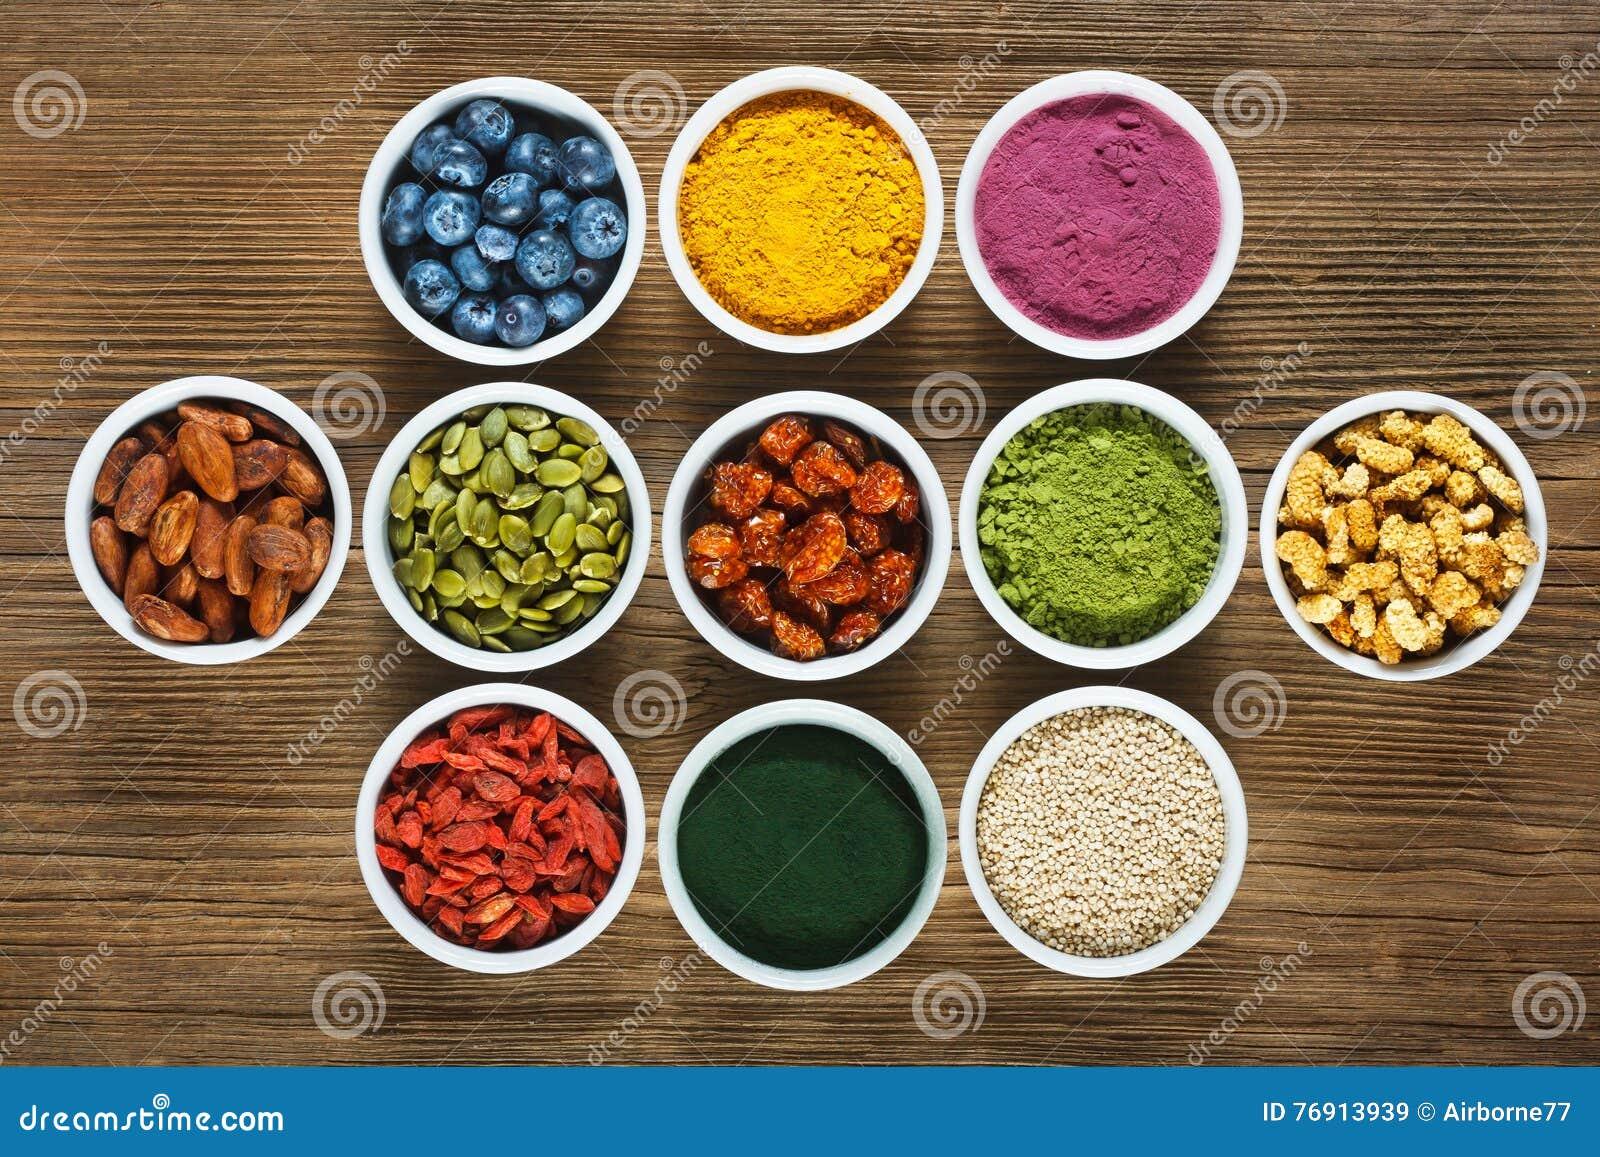 Superfood stock image. Image of superfood, food, acai ...